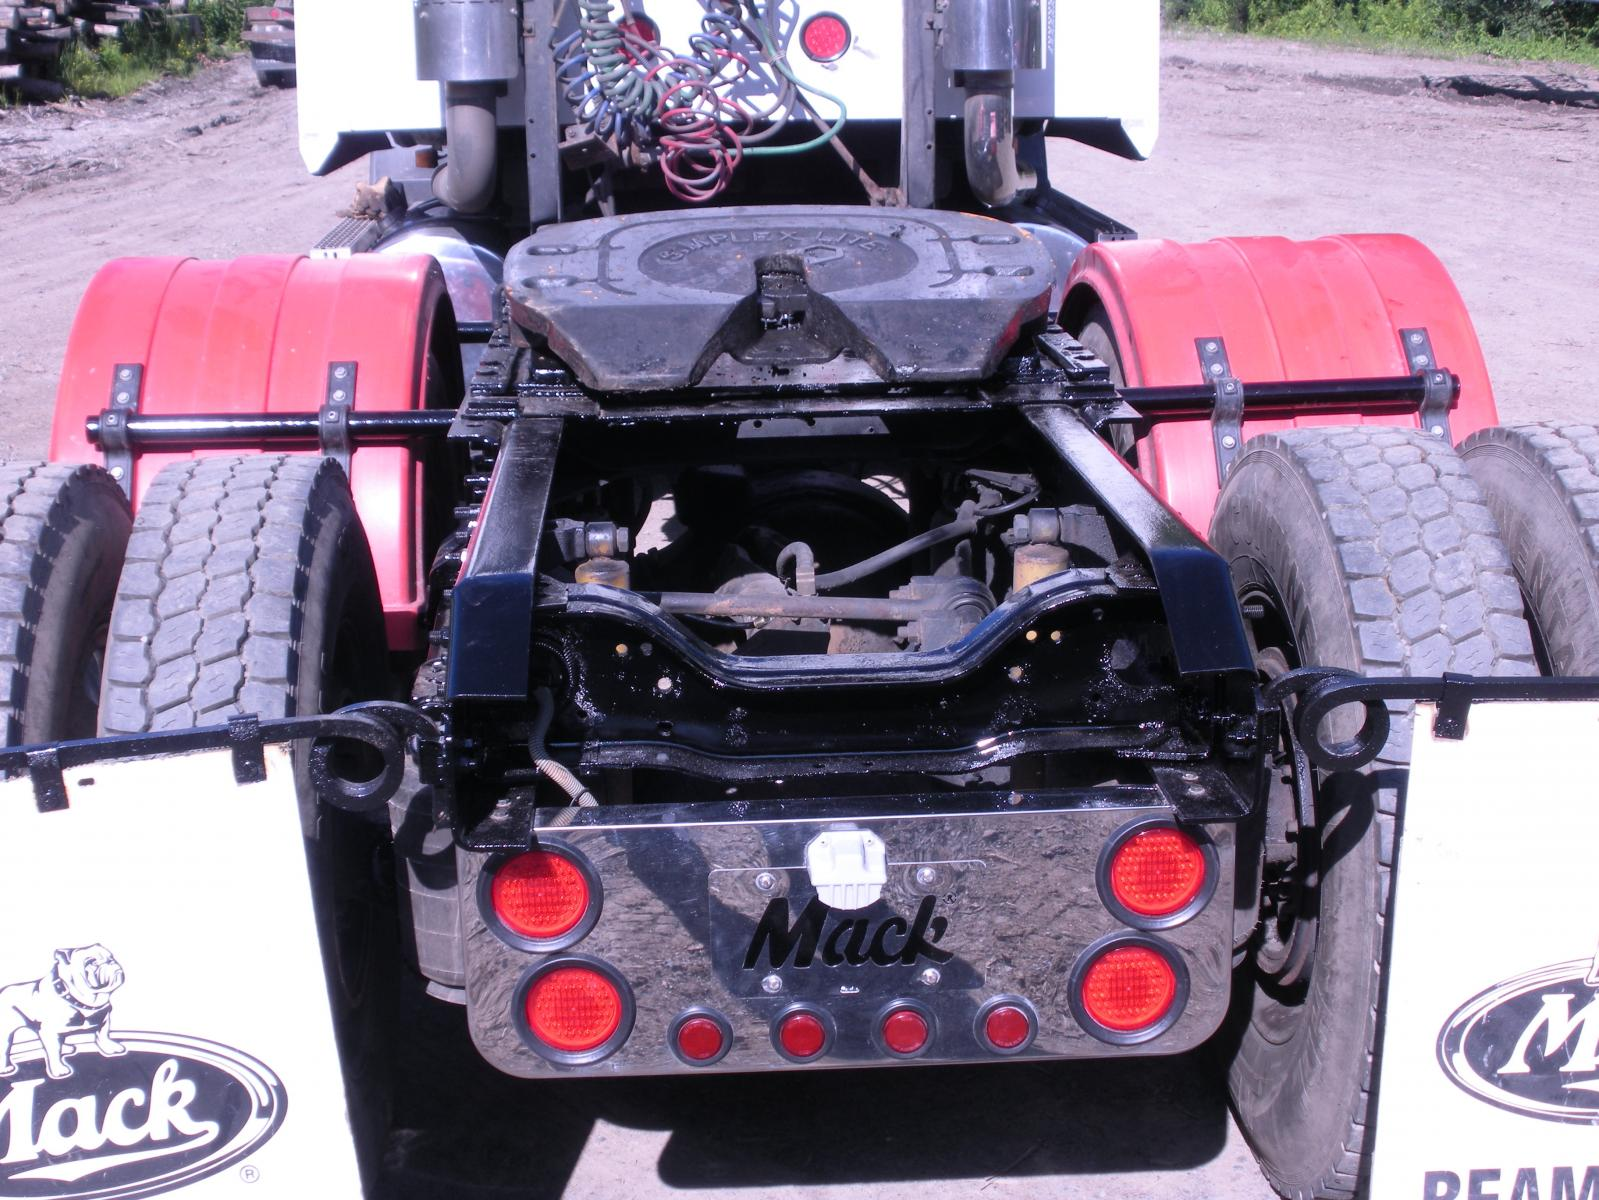 Mack truck 029.jpg